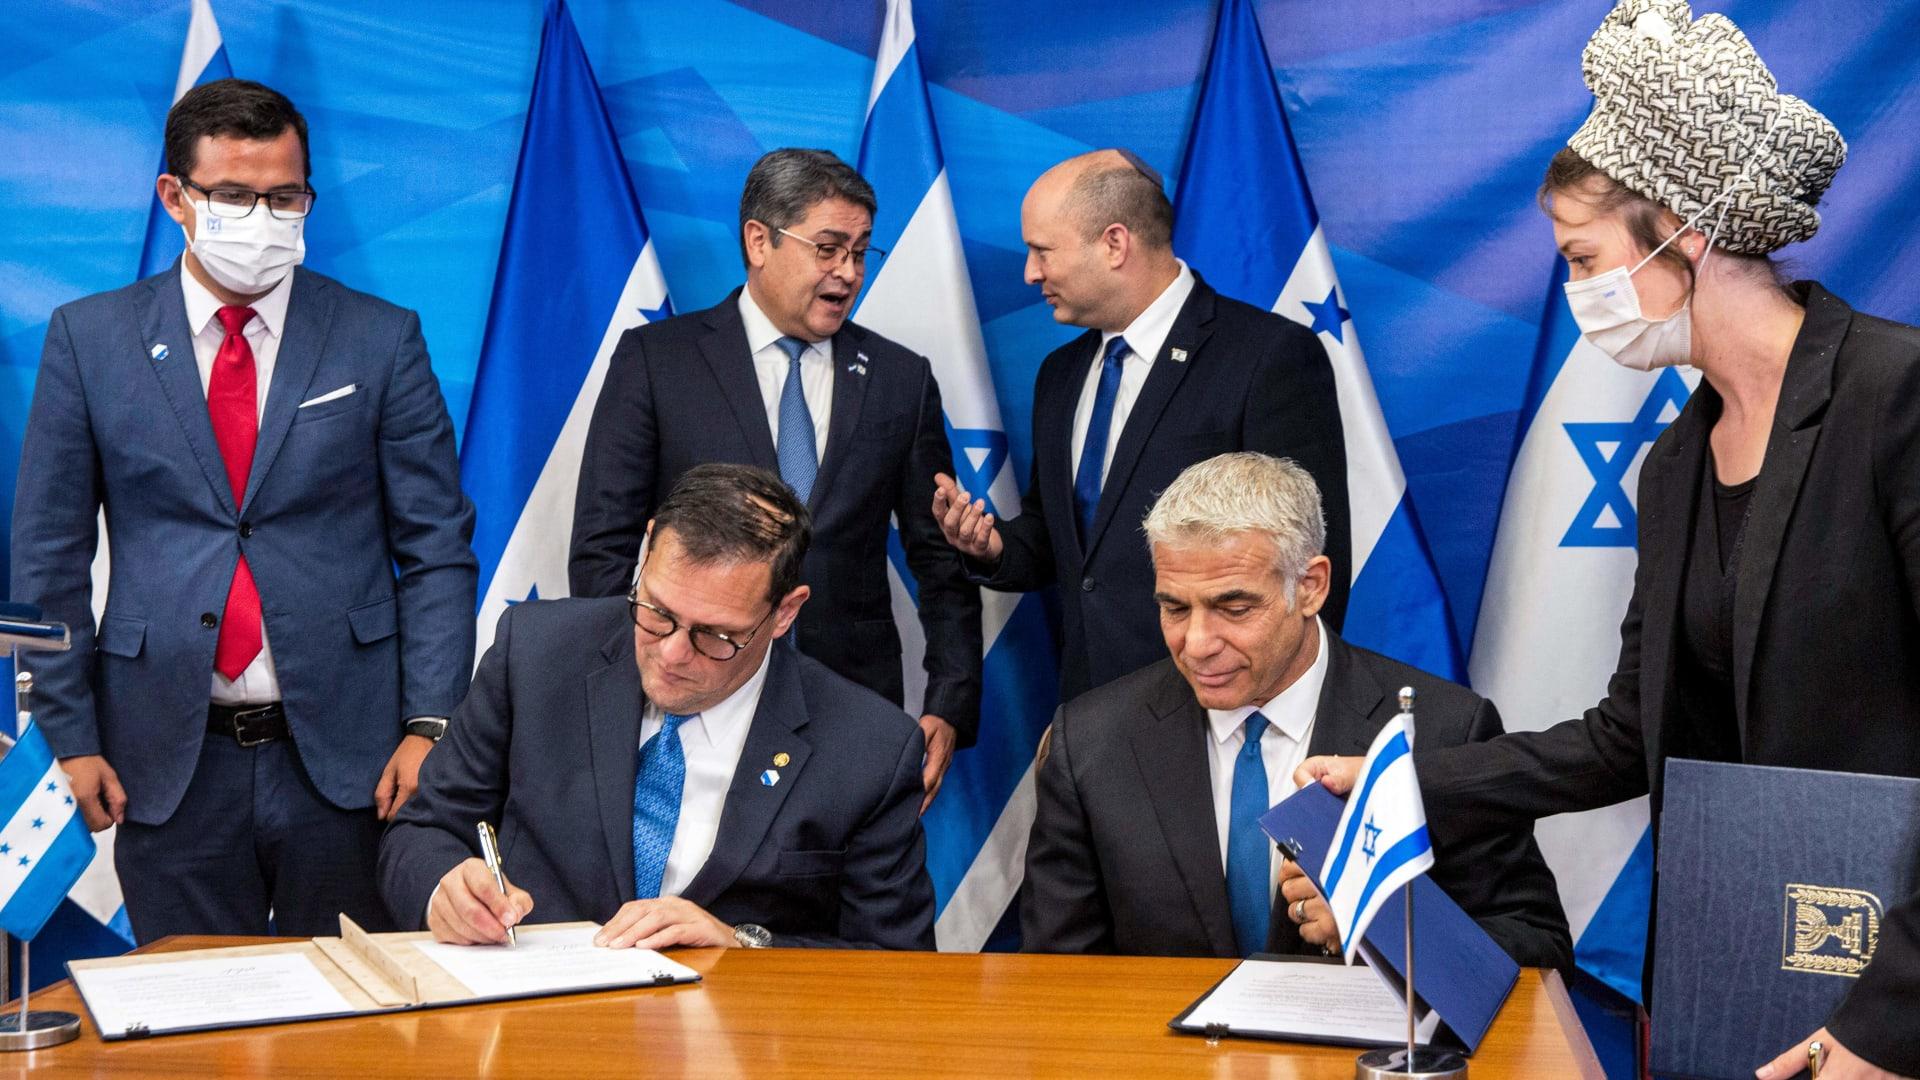 وزير الخارجية الإسرائيلي يائير لابيد (أسفل اليمين) ووزير خارجية هندوراس ليساندرو (أسفل اليسار) يوقعان اتفاقيات ثنائية في مكتب رئيس الوزراء في القدس يوم 24 يونيو 2021